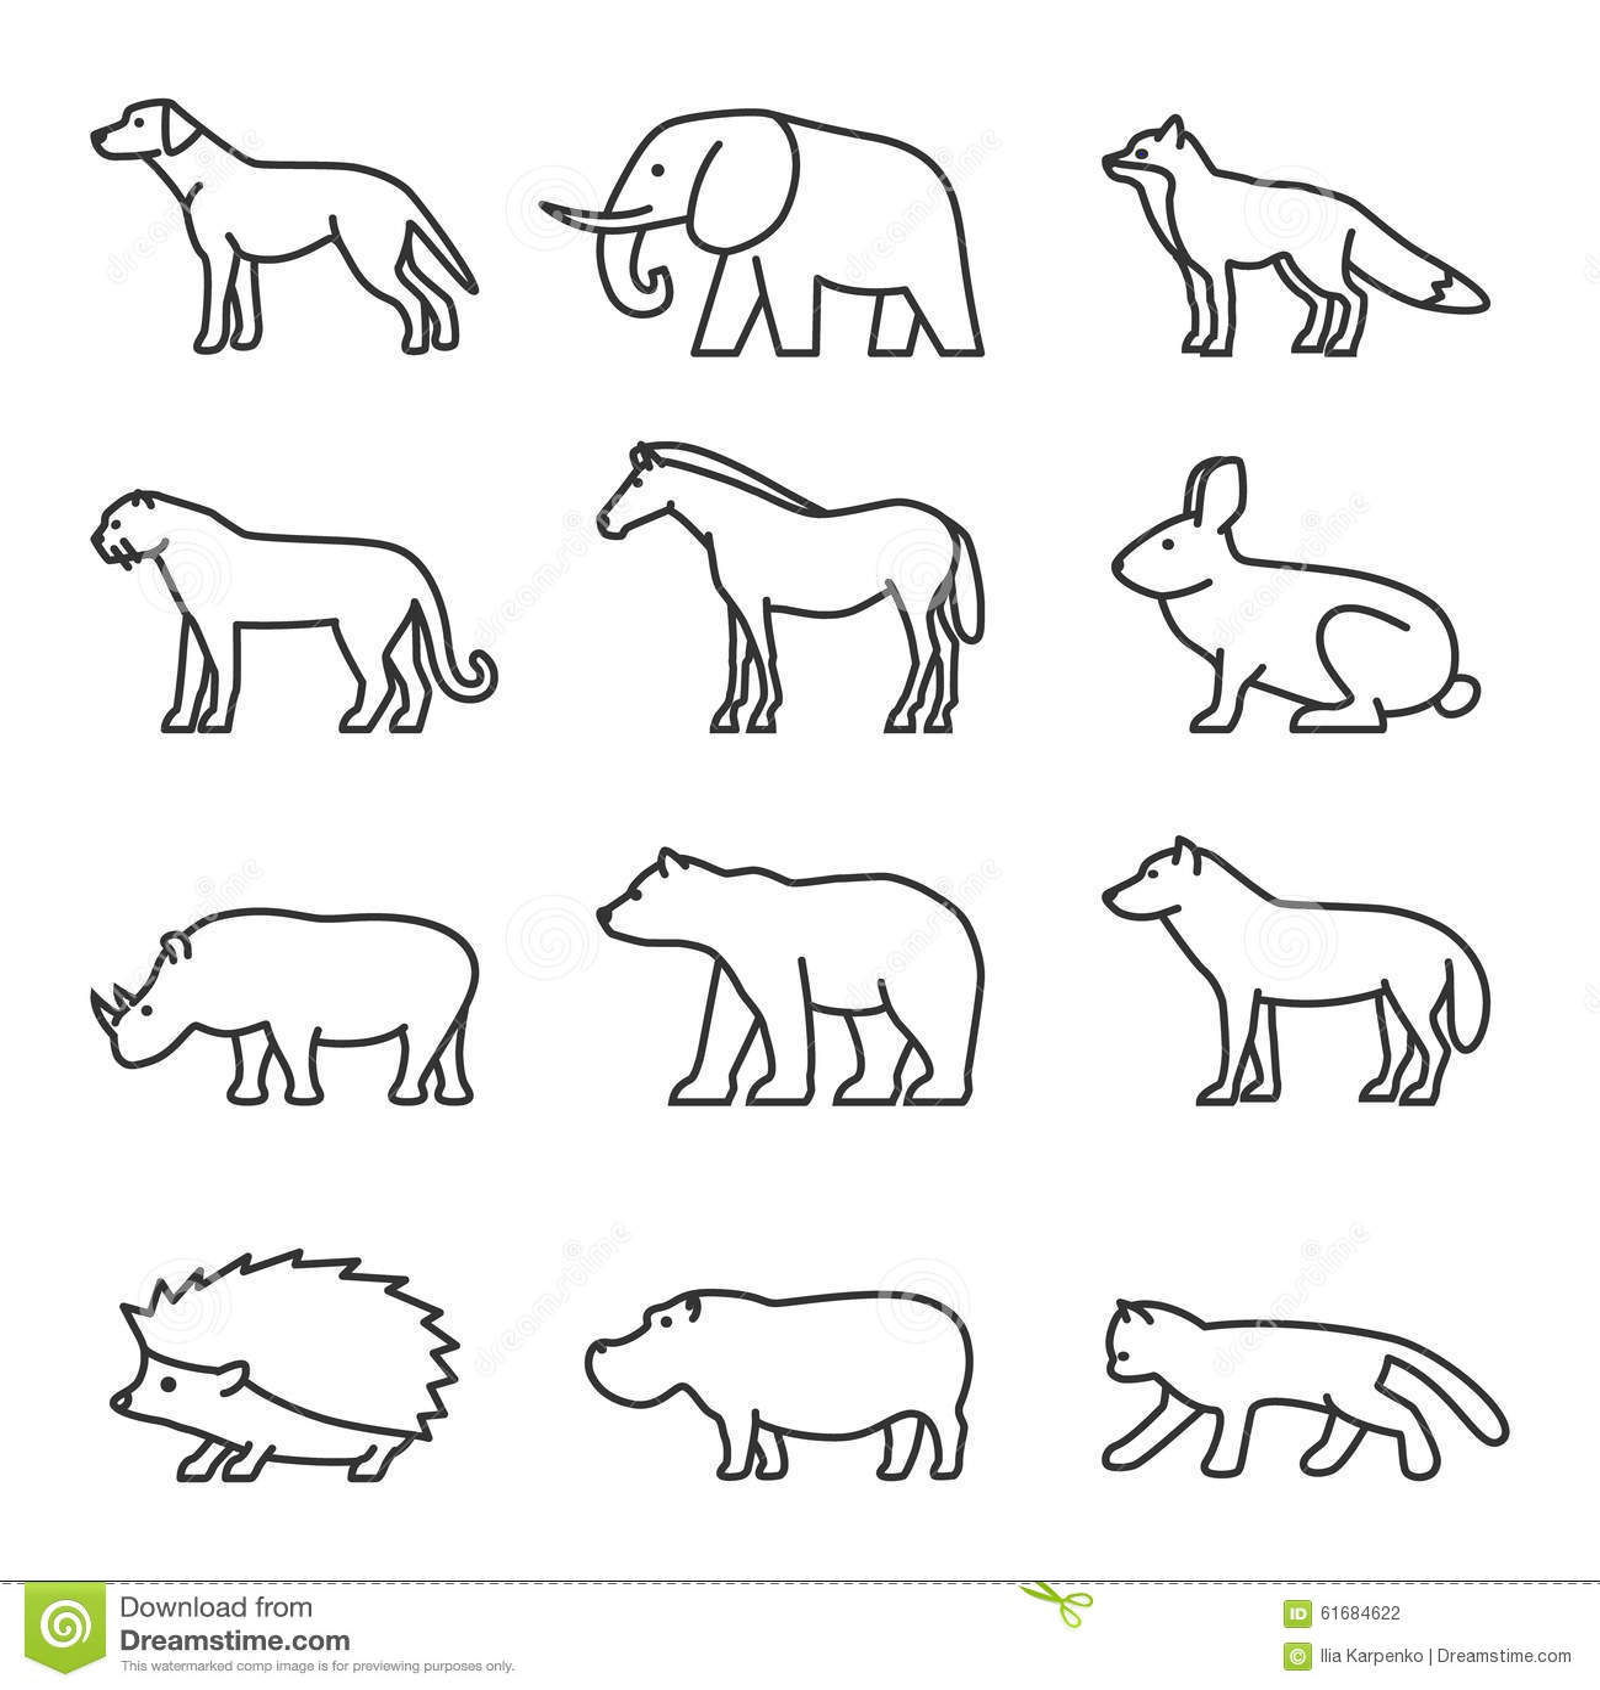 Kontur Ikony Zwierz Ta Ustawiaj Cy Domowy I Dziki